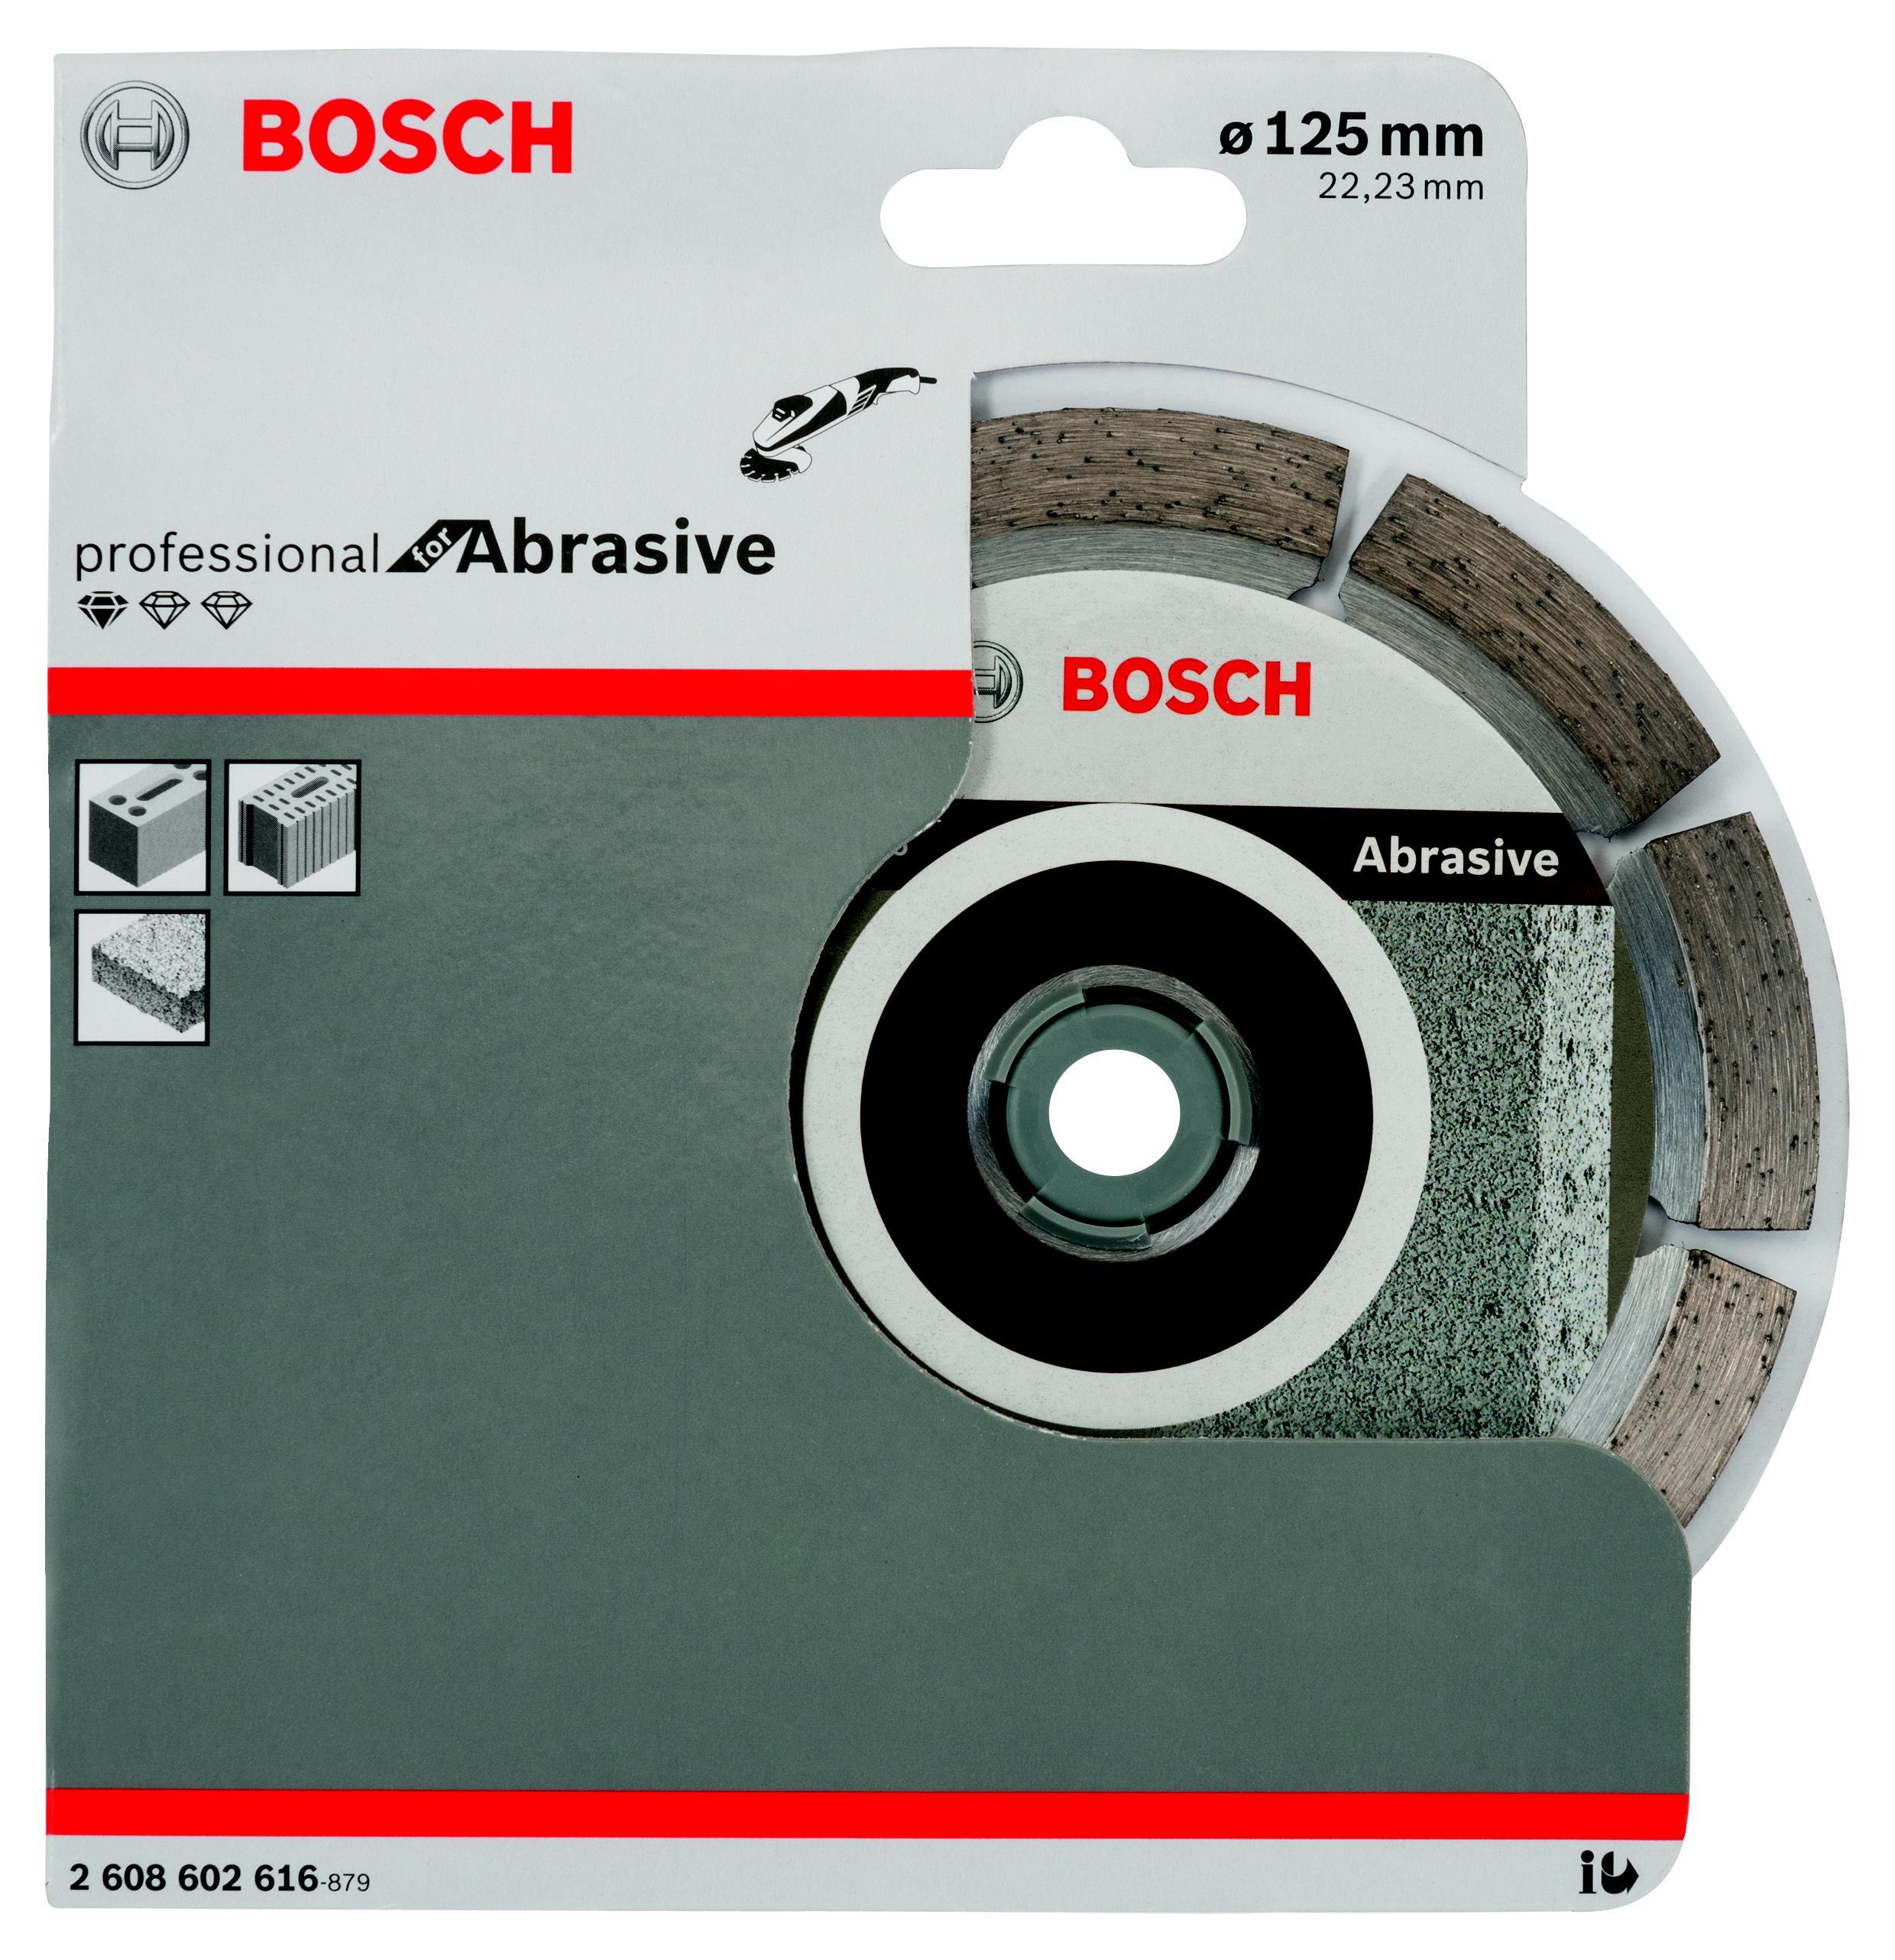 Круг алмазный Bosch Standard for abrasive 125x22 сегмент (2.608.602.616) круг алмазный bosch best for concrete 125x22 сегмент 2 608 602 652